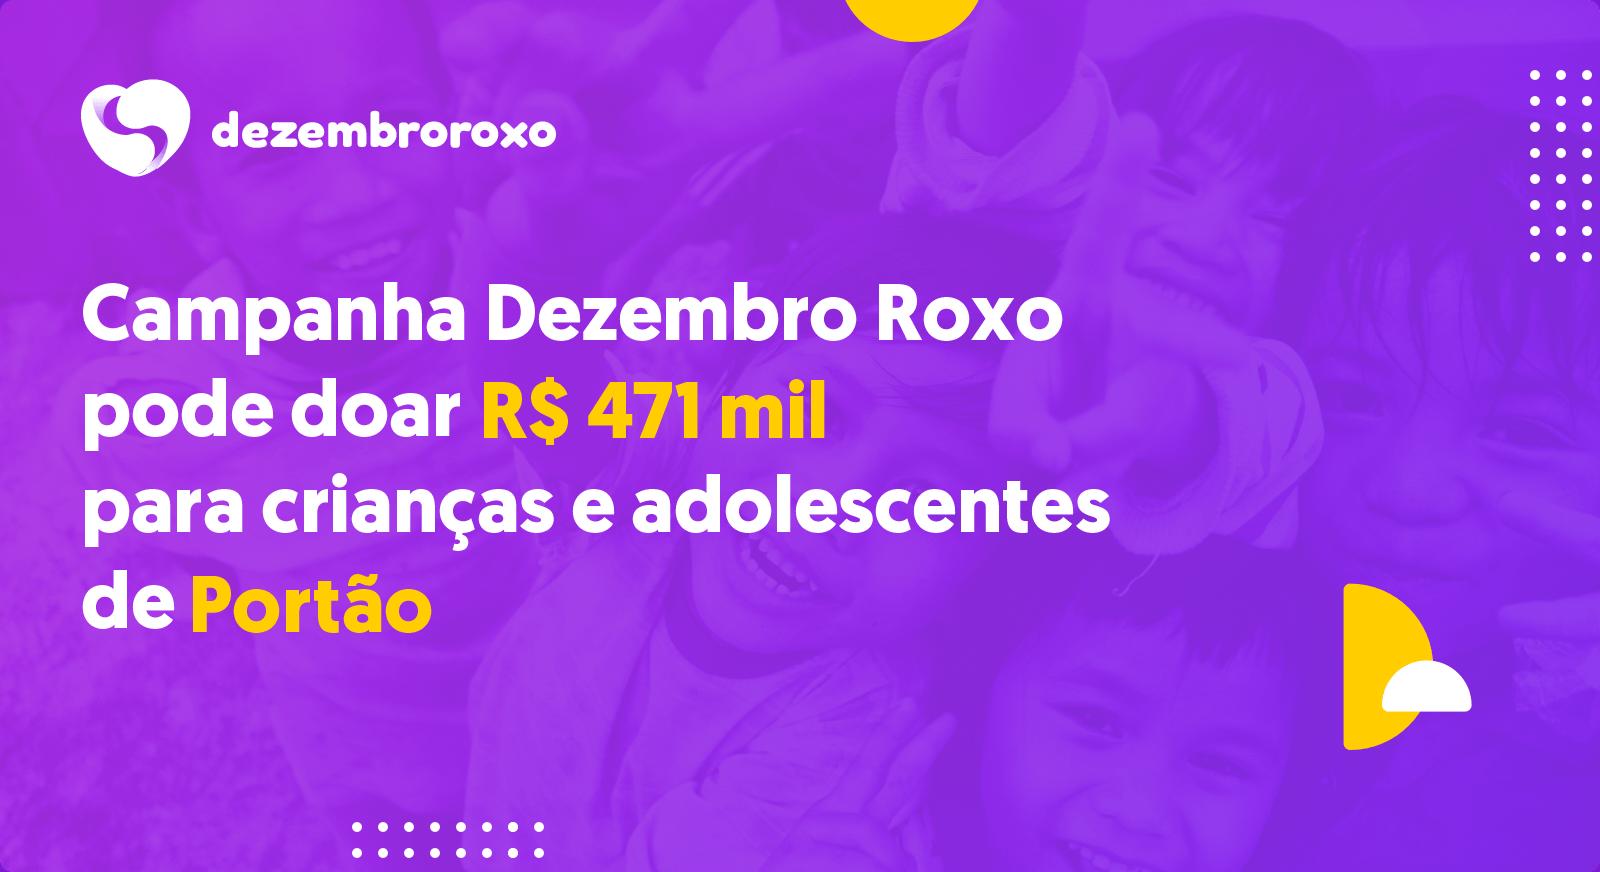 Doações em Portão - RS